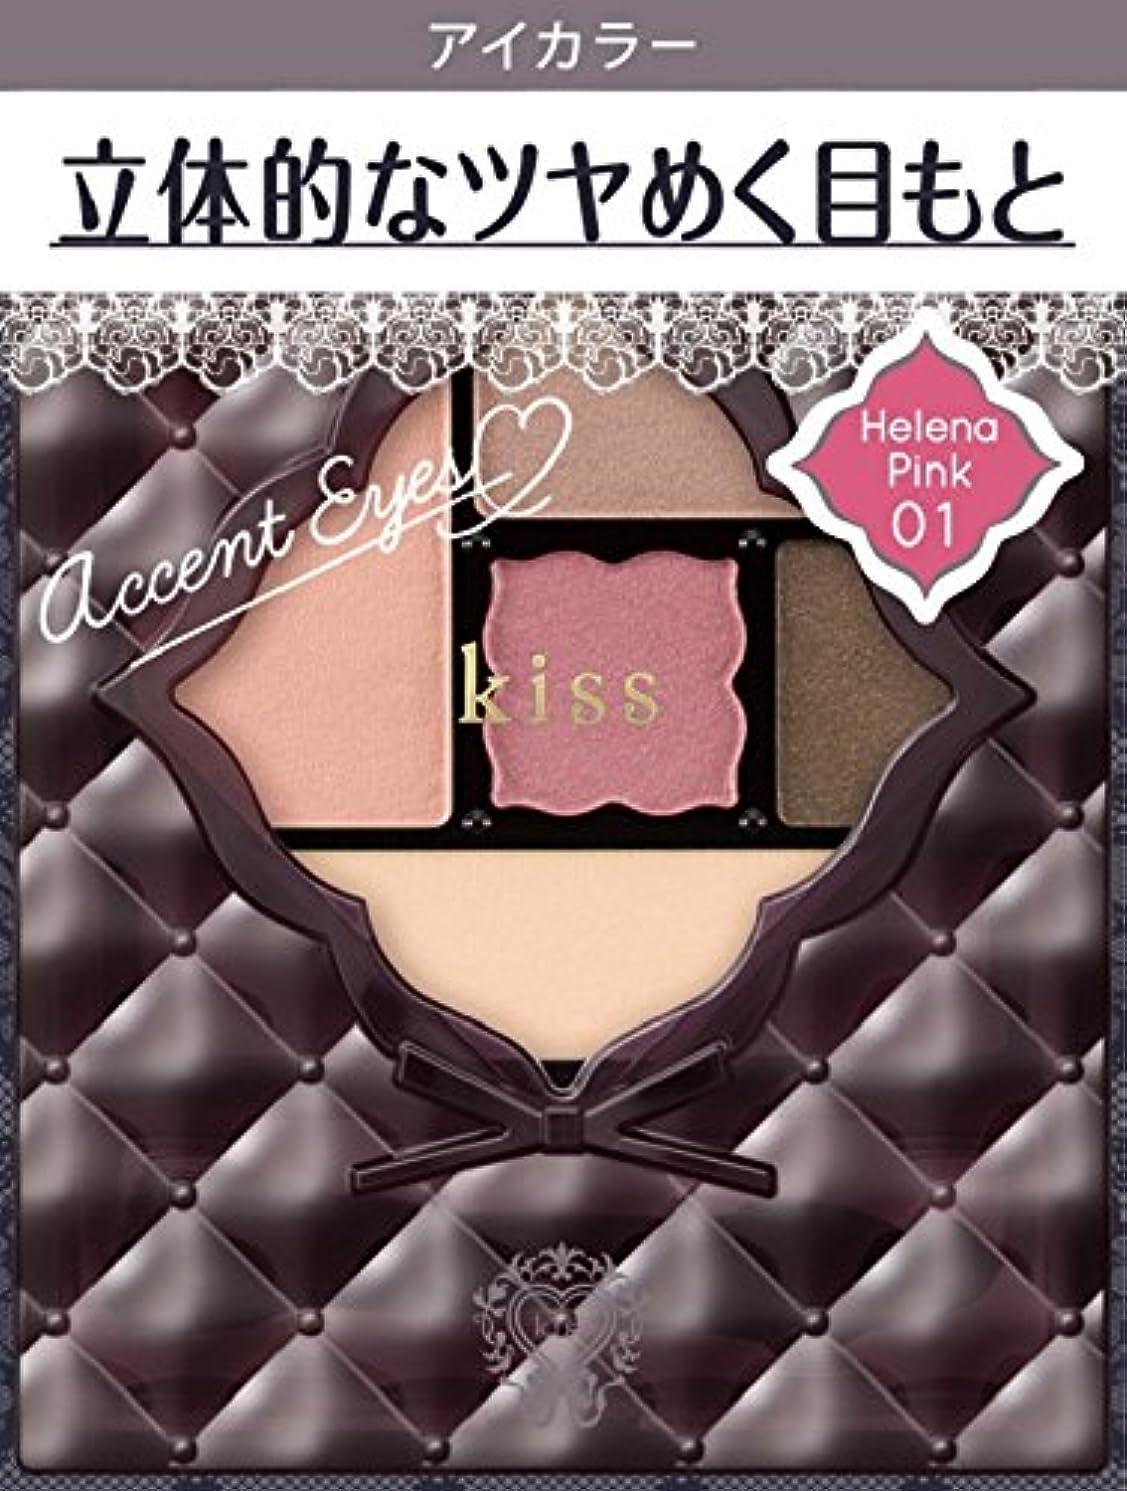 退屈させる本物分泌するキス アクセントアイズ01 ヘレネーピンク 3.5g